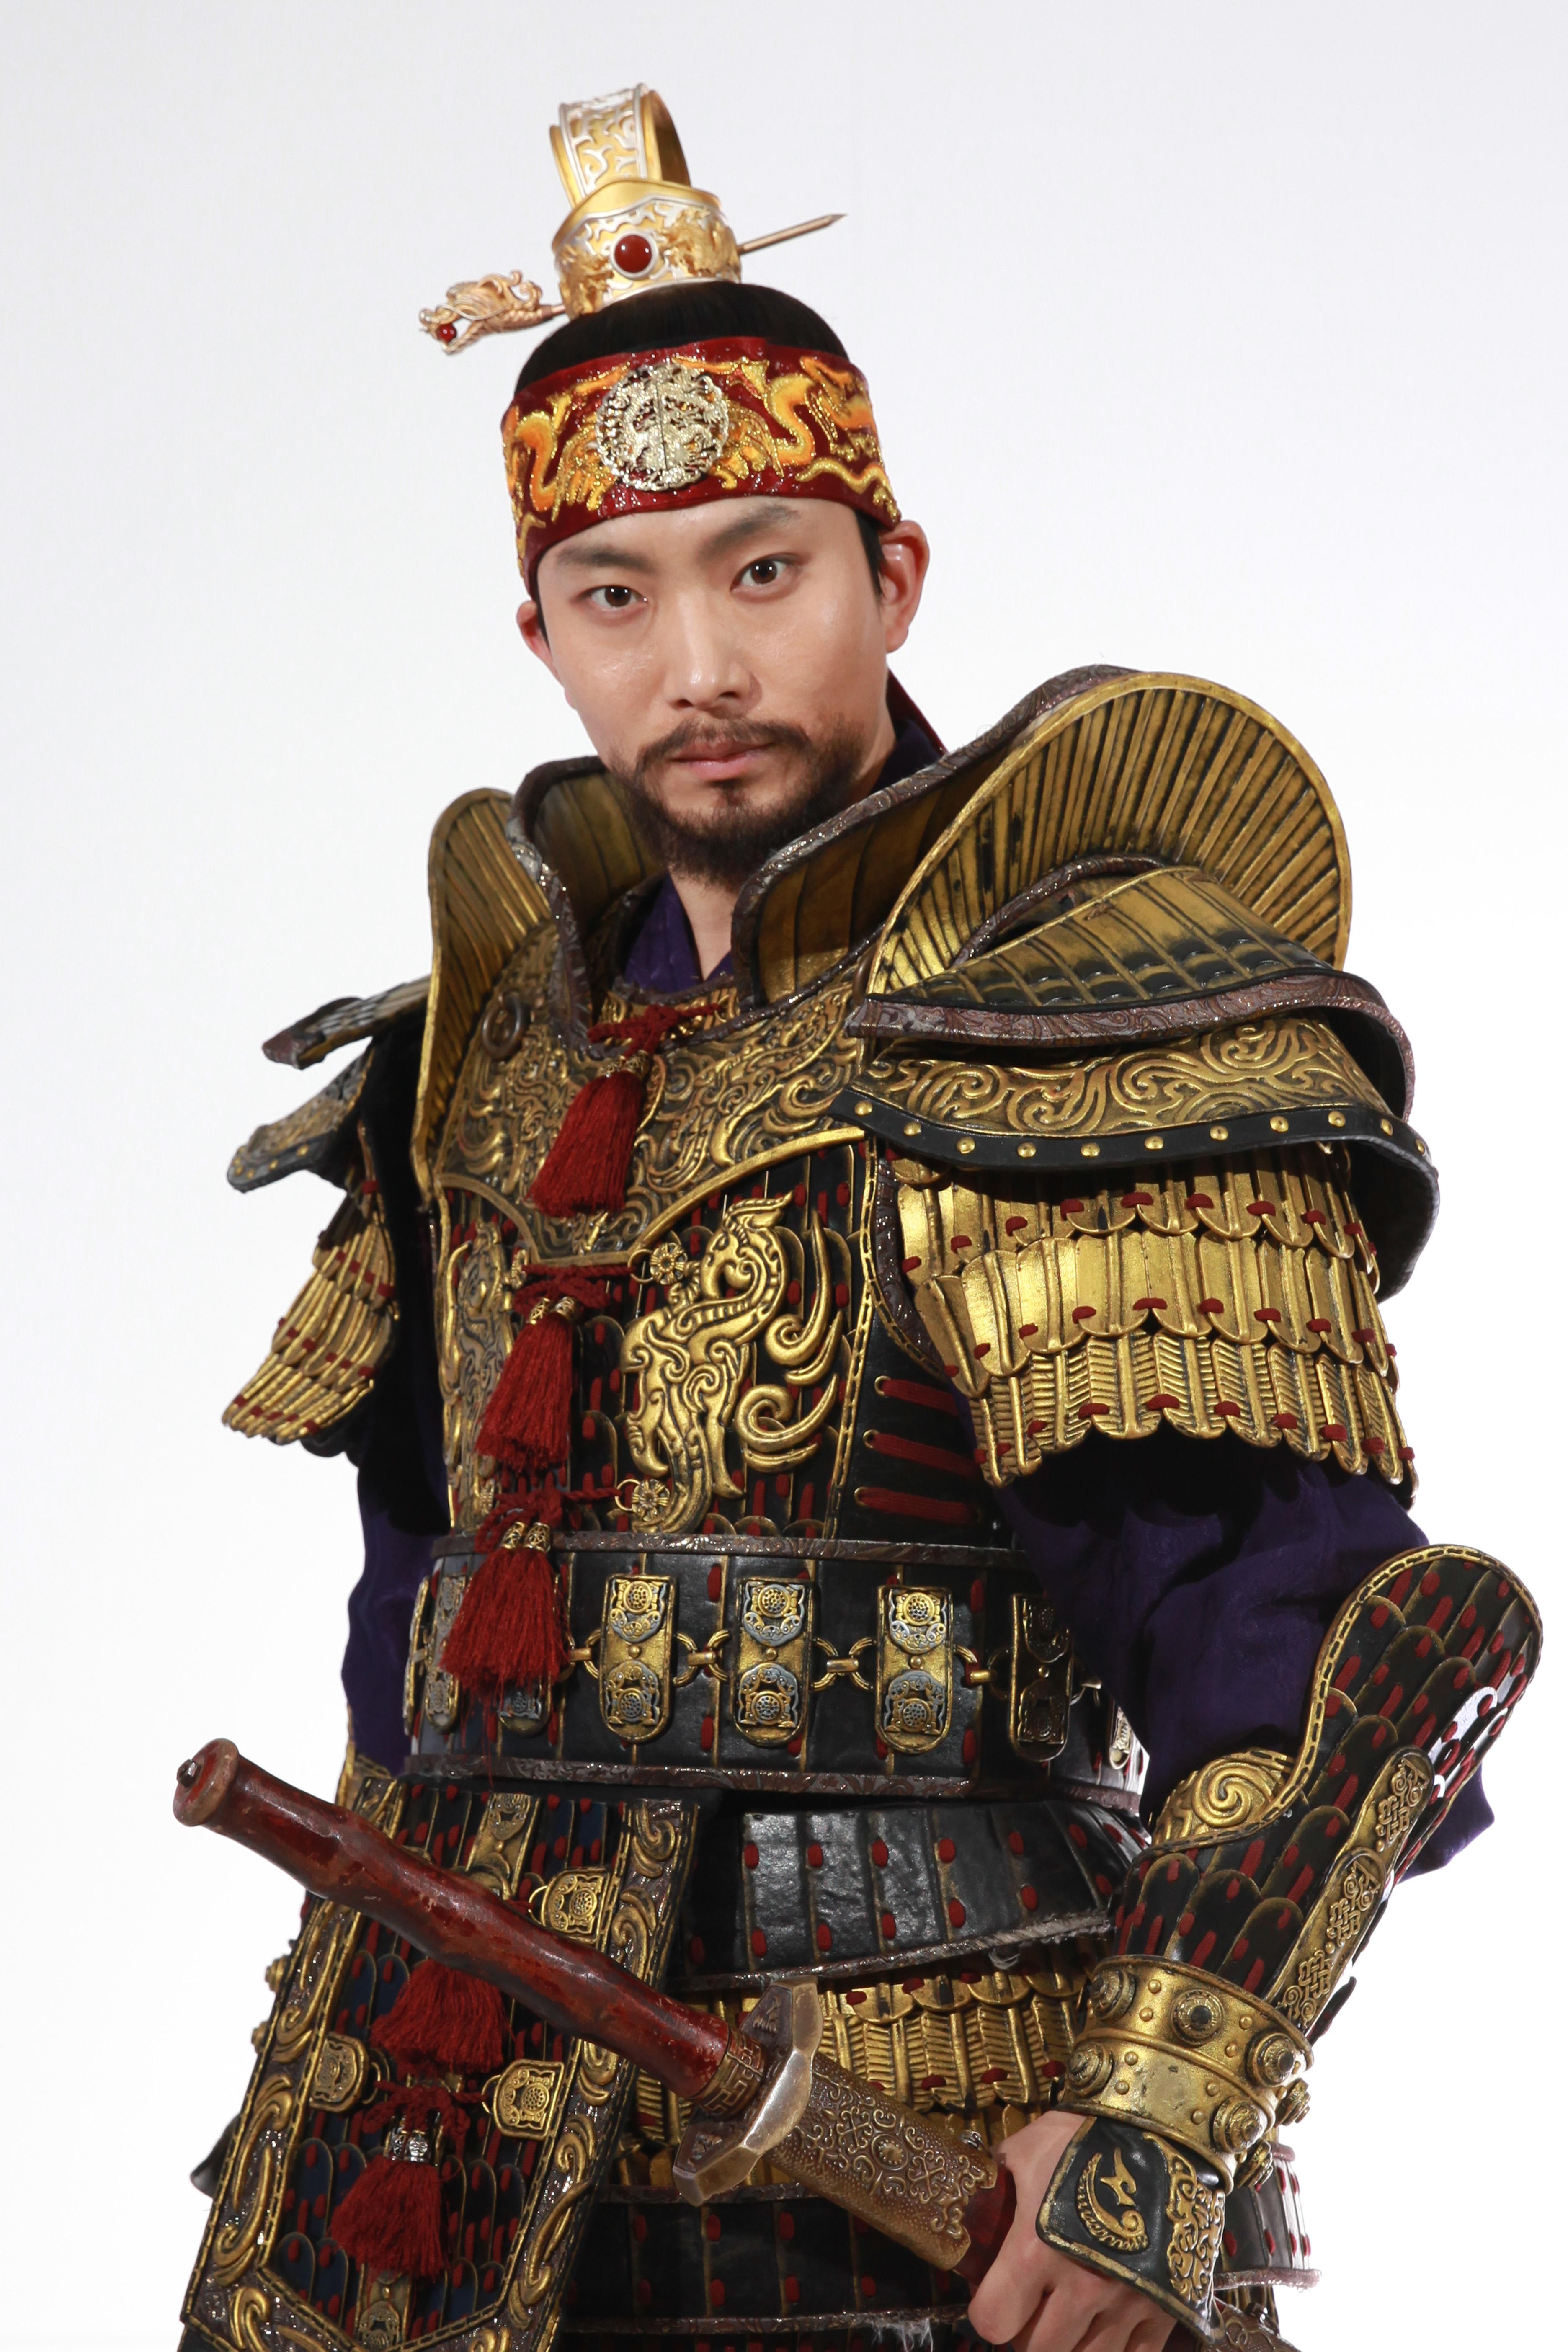 китайский воин фото фотосъемка часов